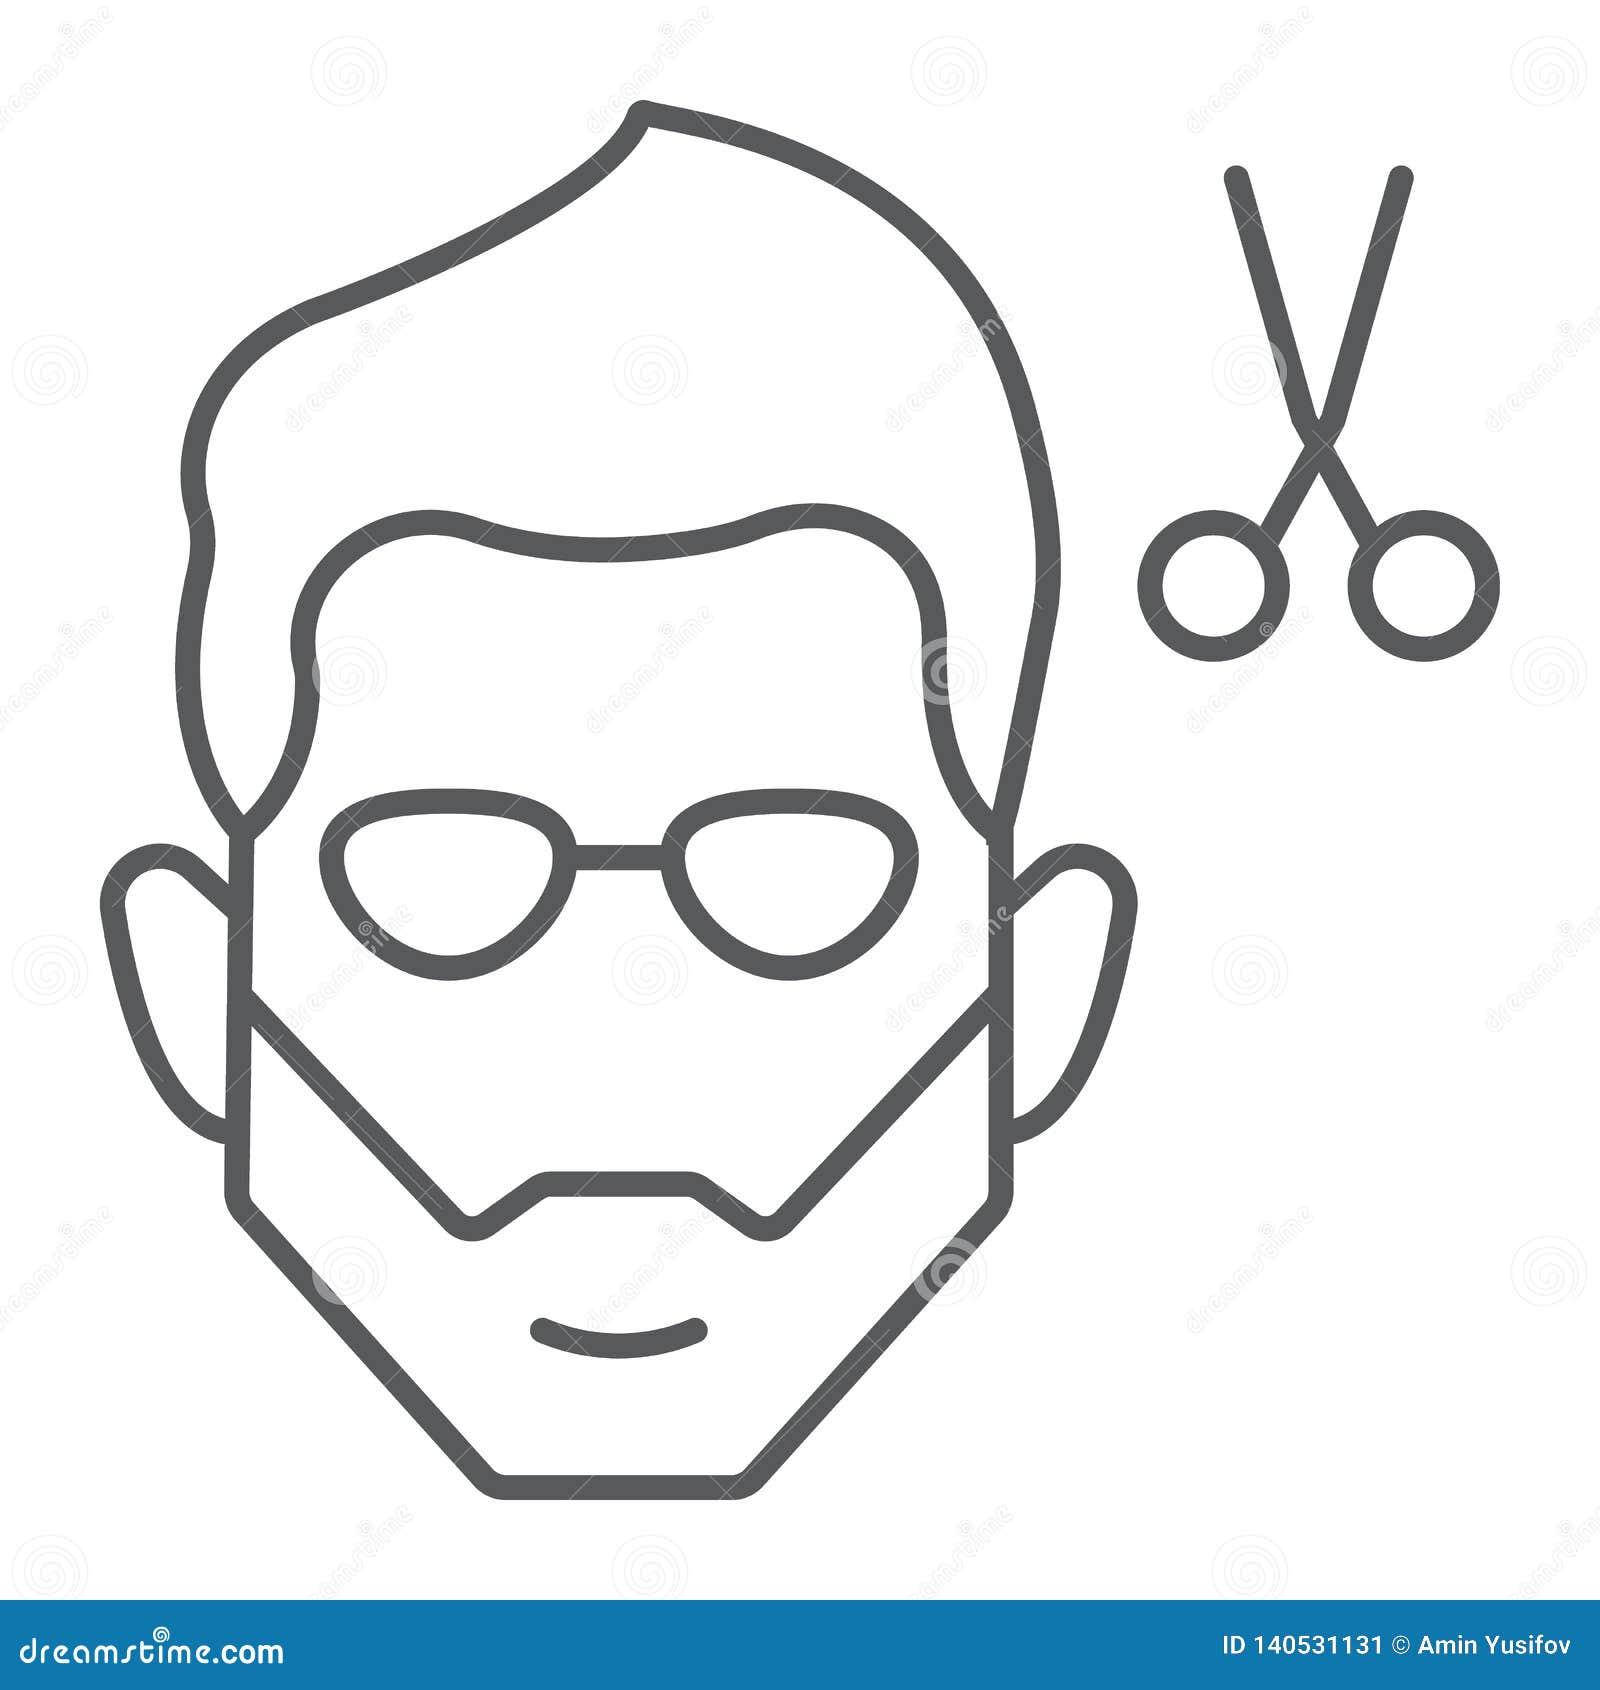 Tunn linje symbol för frisyr, barberare och frisyr, skäggigt framsidatecken, vektordiagram, en linjär modell på en vit bakgrund